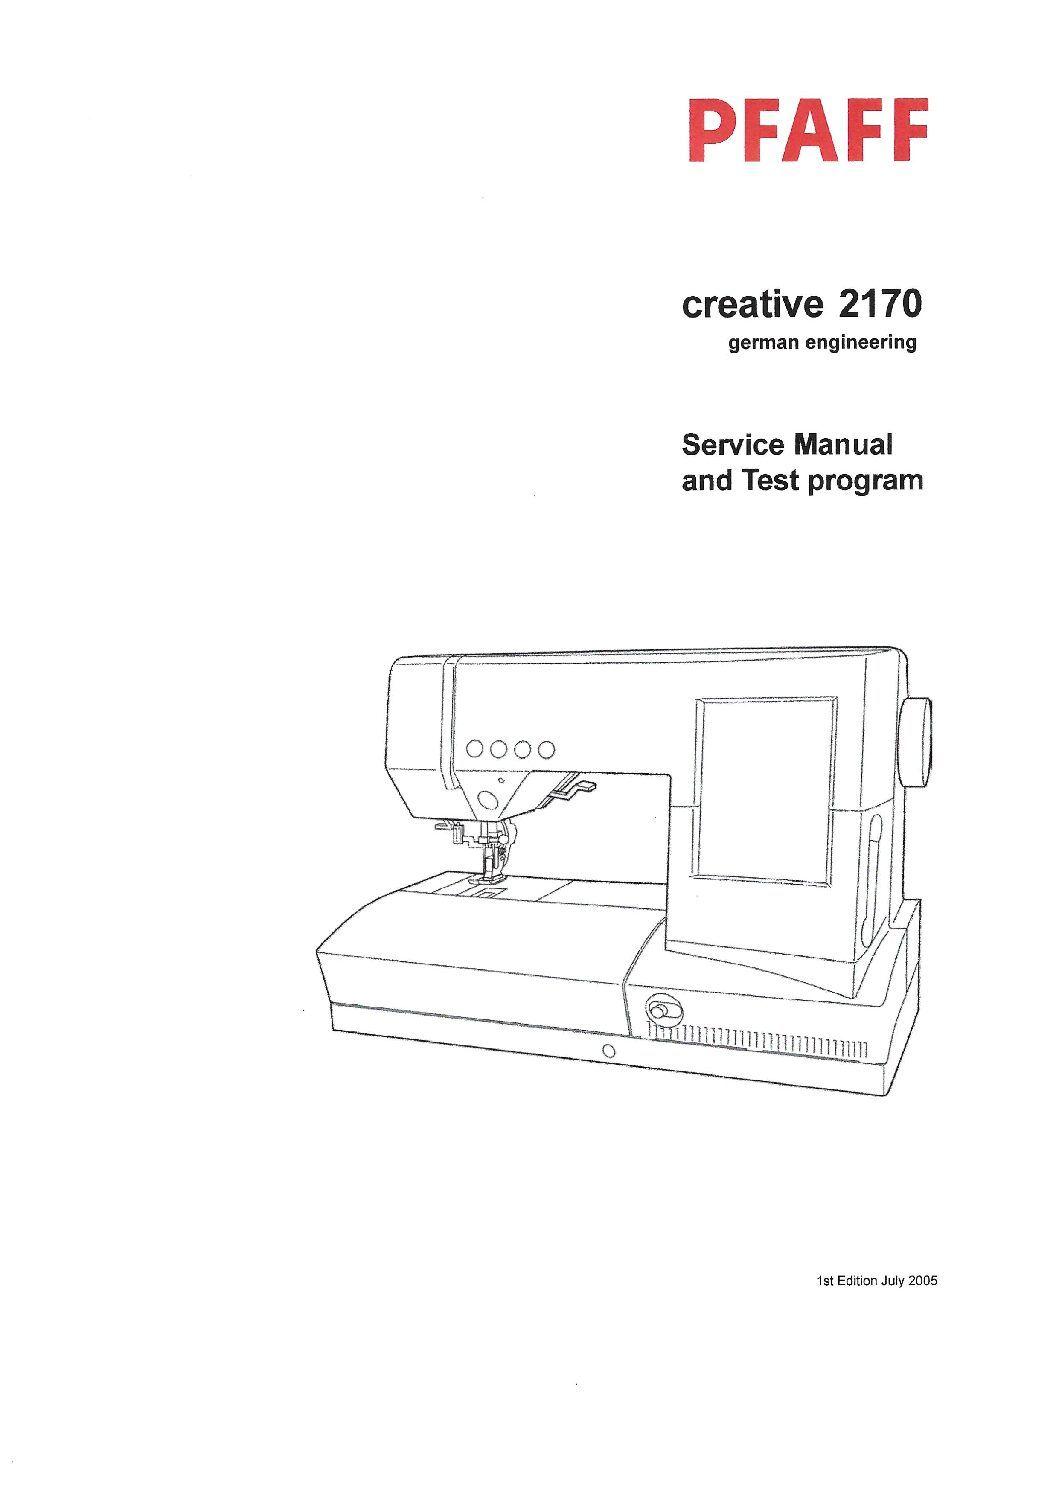 Service Manual Pfaff Creative 2170 Sewing Machine4 in 2020